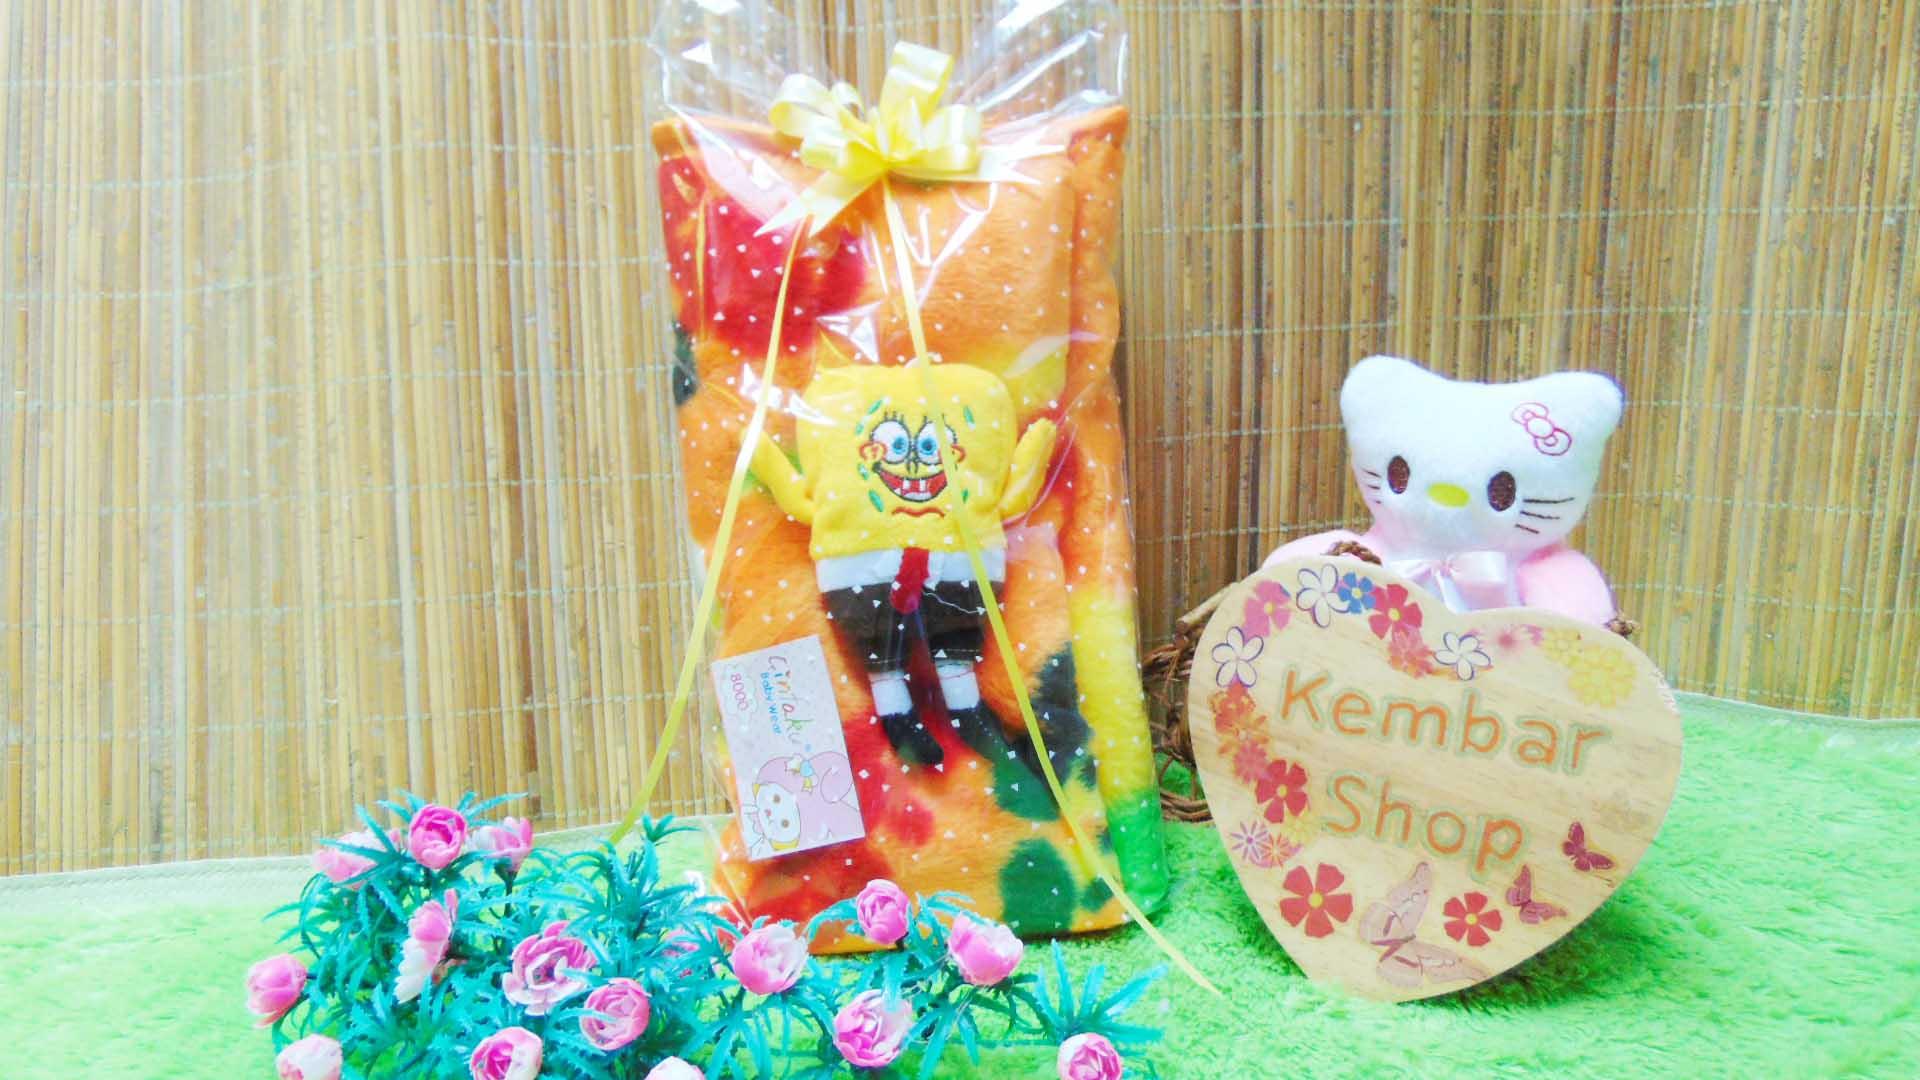 FREE KARTU UCAPAN kado bayi baby gift set selimut topi bayi bludru plus boneka (5)